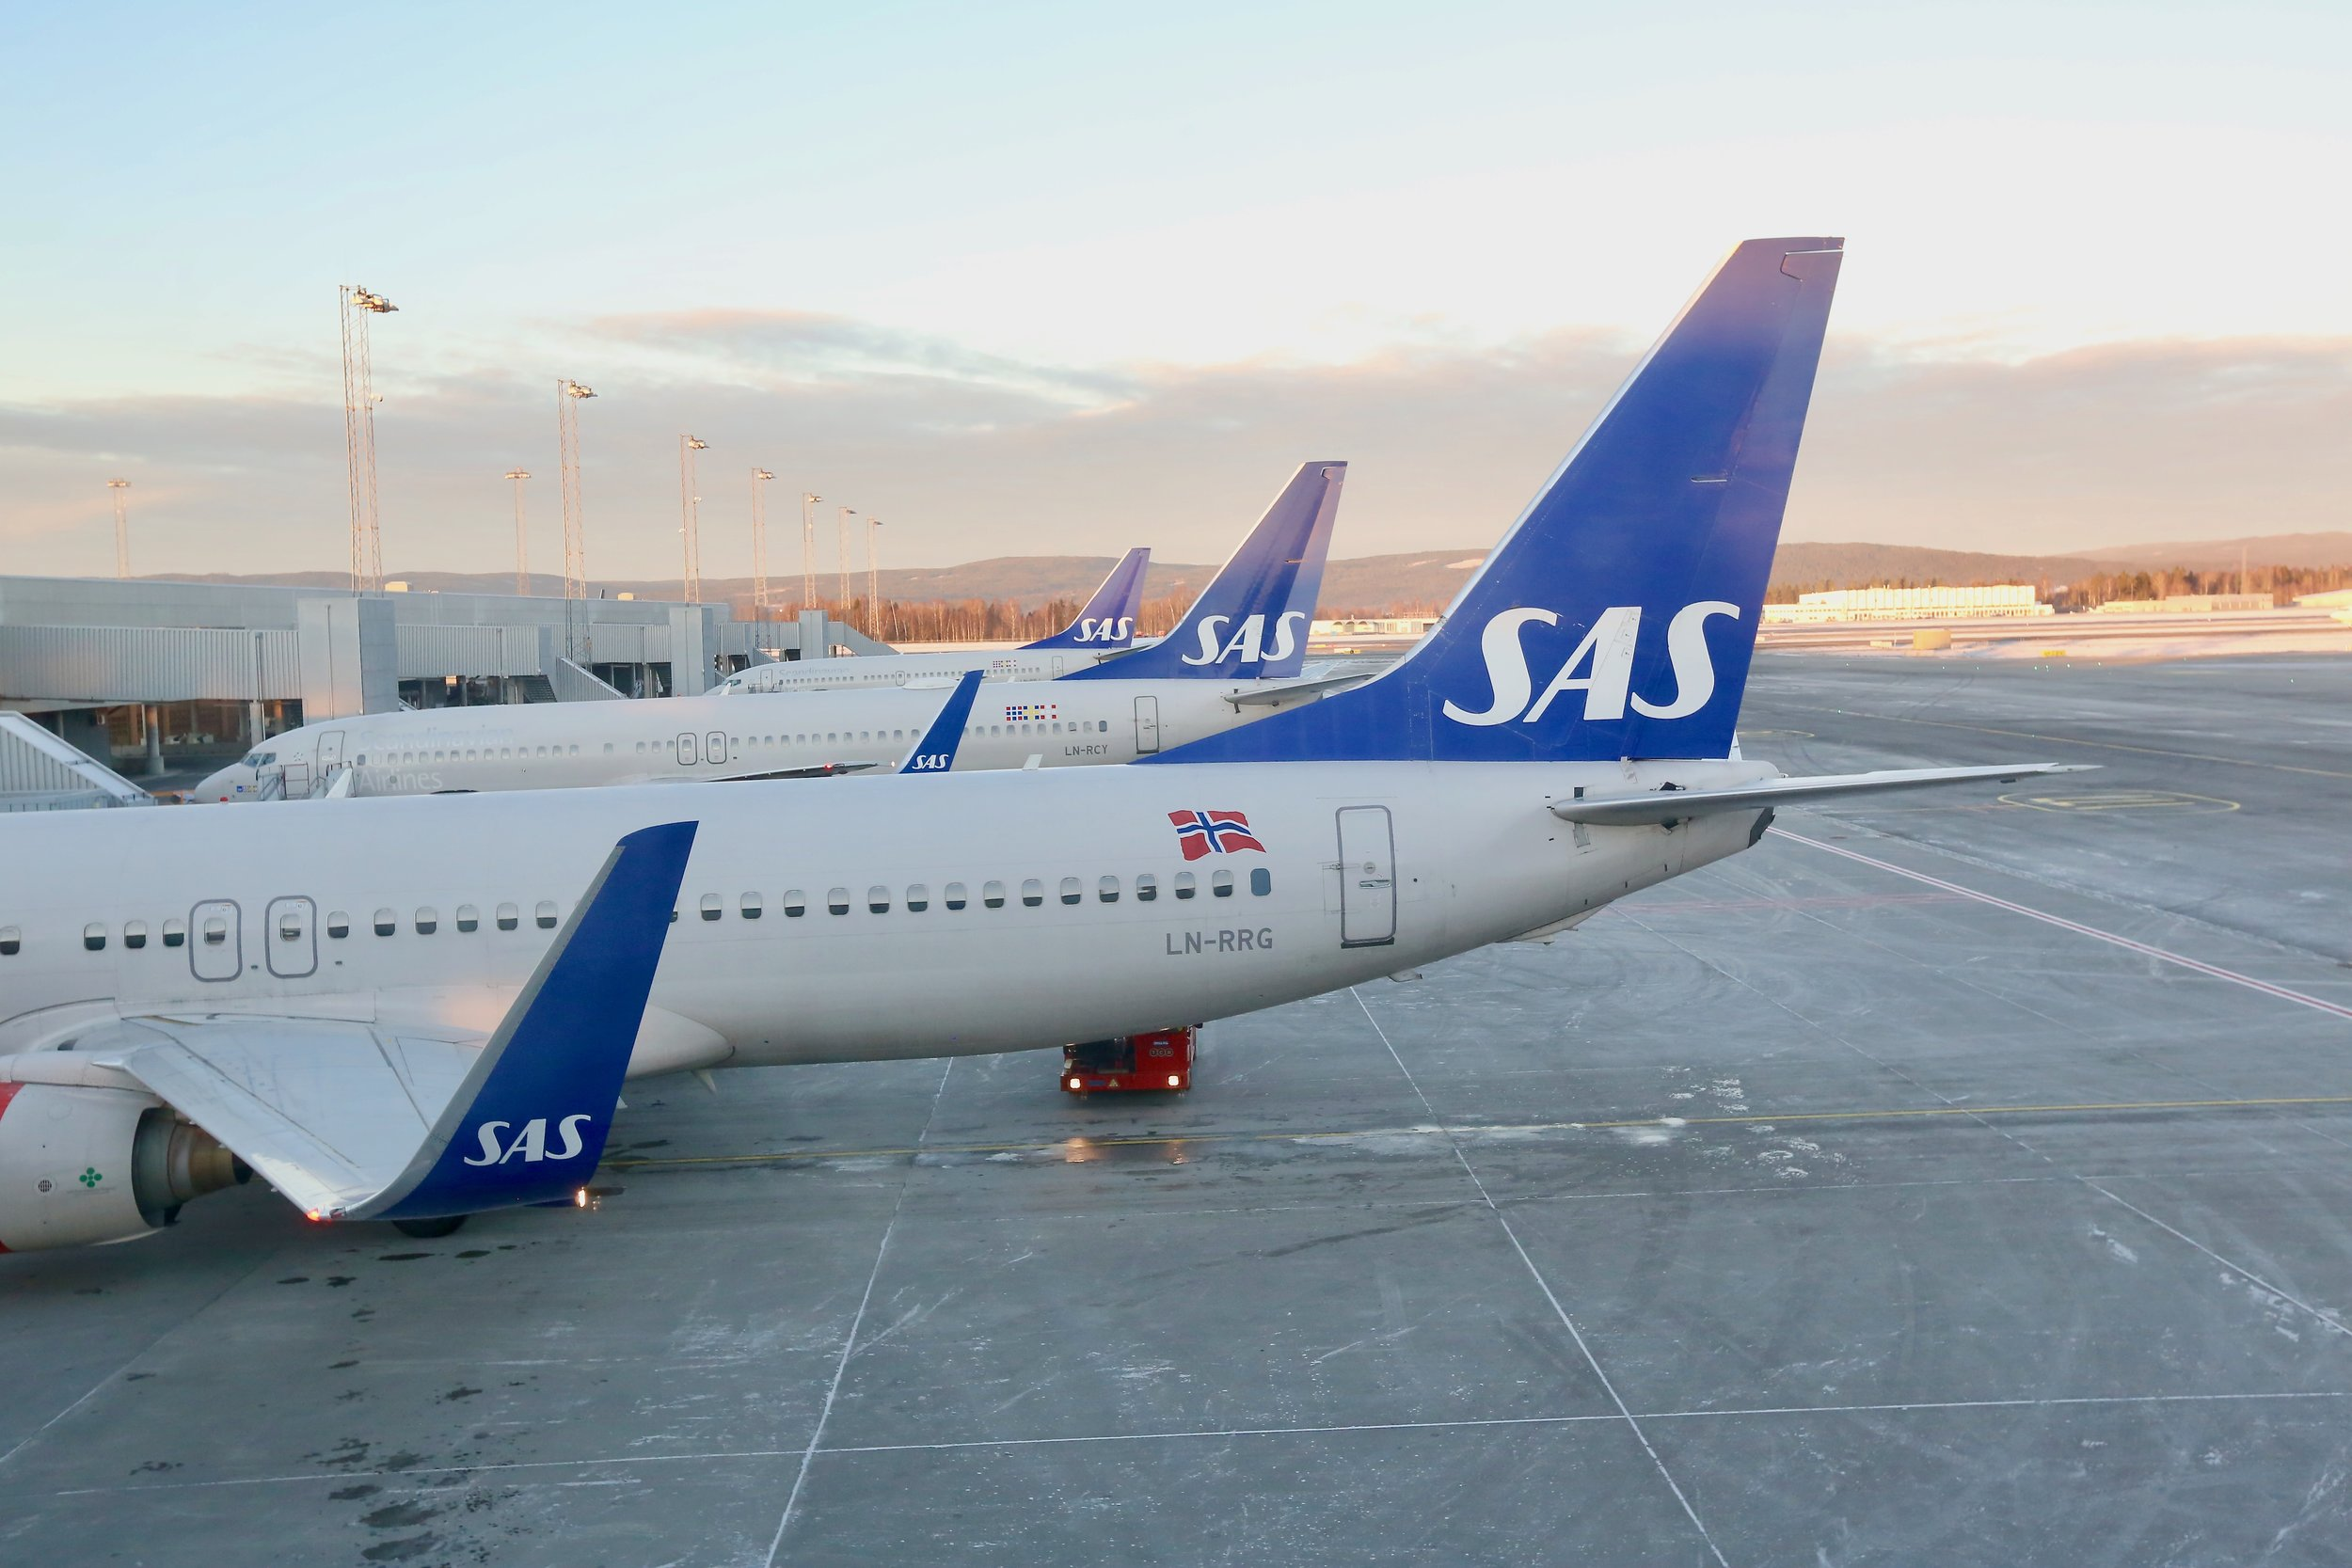 Mange SAS-fly er satt på bakken. Les hva som skjer med flybillettene dine. Foto: Odd Roar Lange